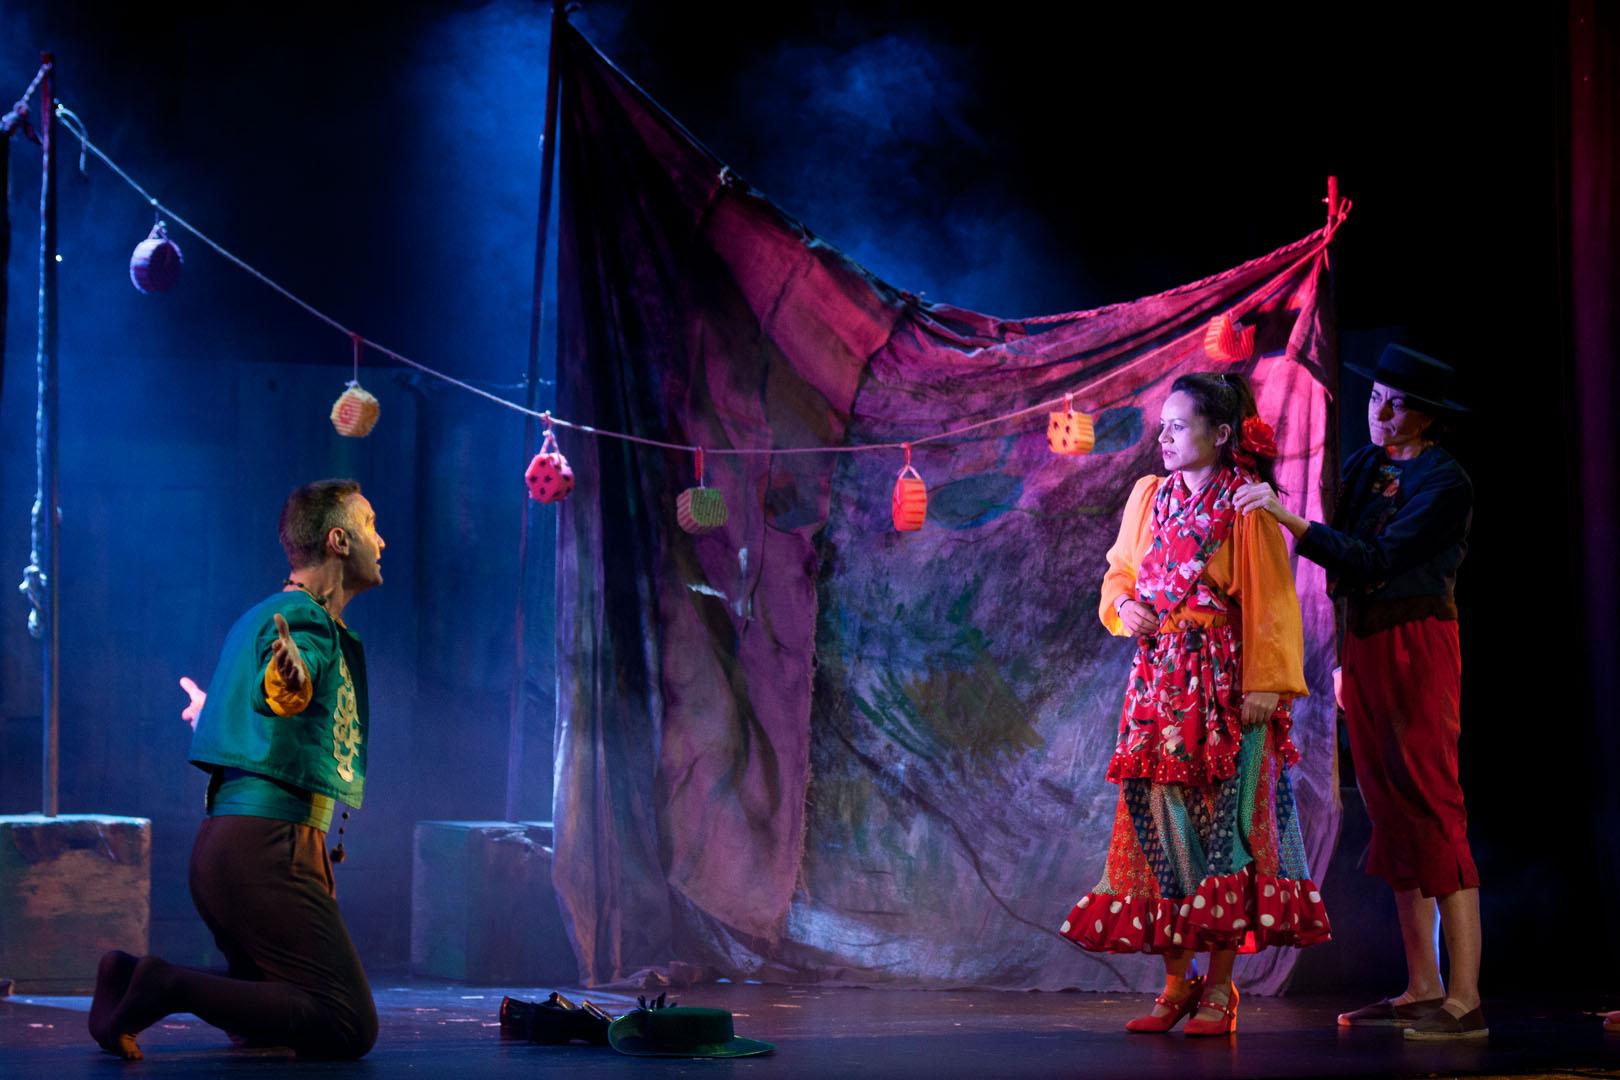 ANDRES ARRODILLADO Factoria Teatro - Constanza - La gitanilla - 063 - Fotos Sarti - WEB